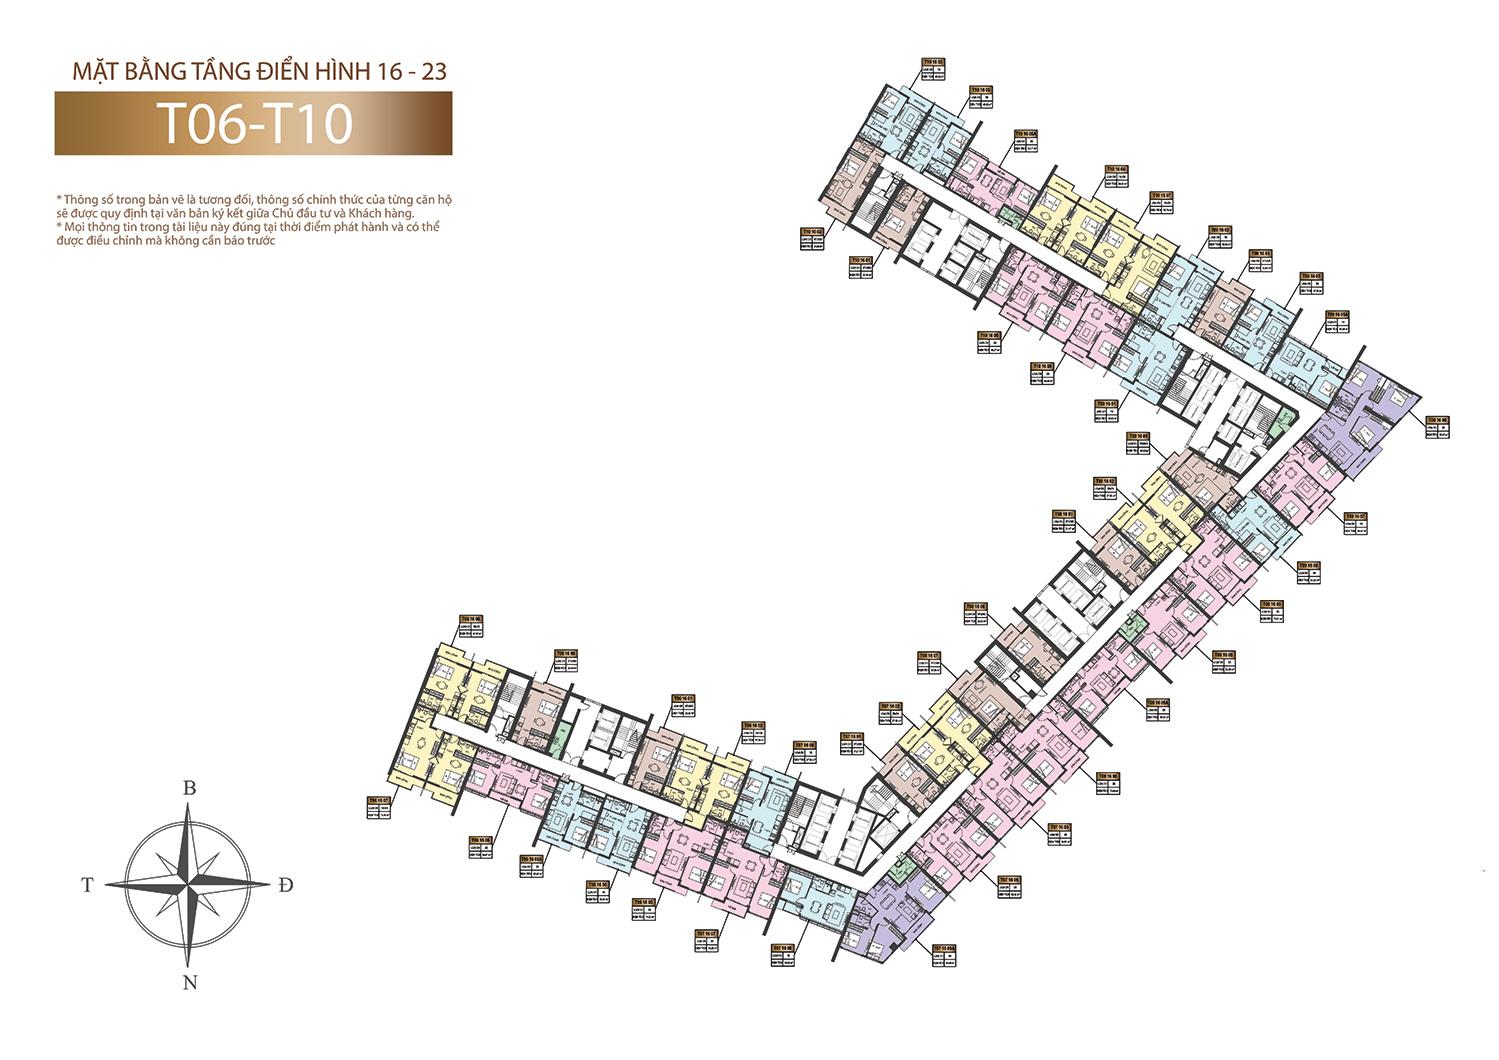 Mặt bằng tầng điển hình 16 - 23 Sun Marina tòa tháp B